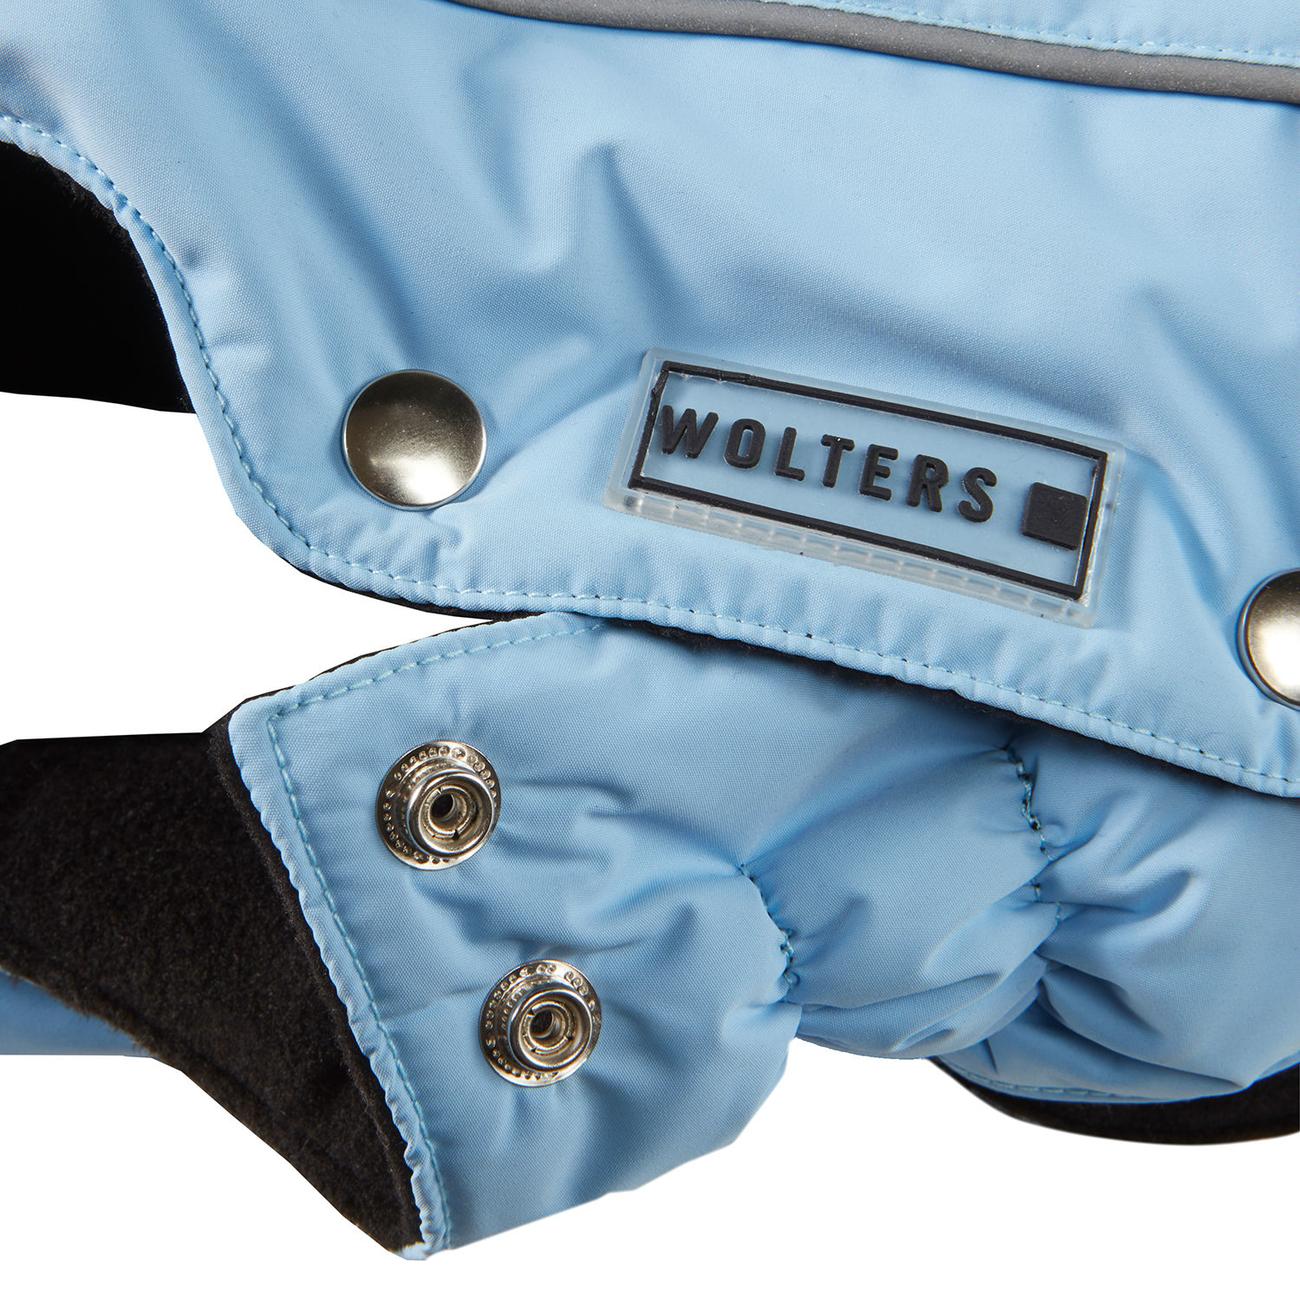 Wolters Winterjacke Amundsen für Mops&Co., Bild 5